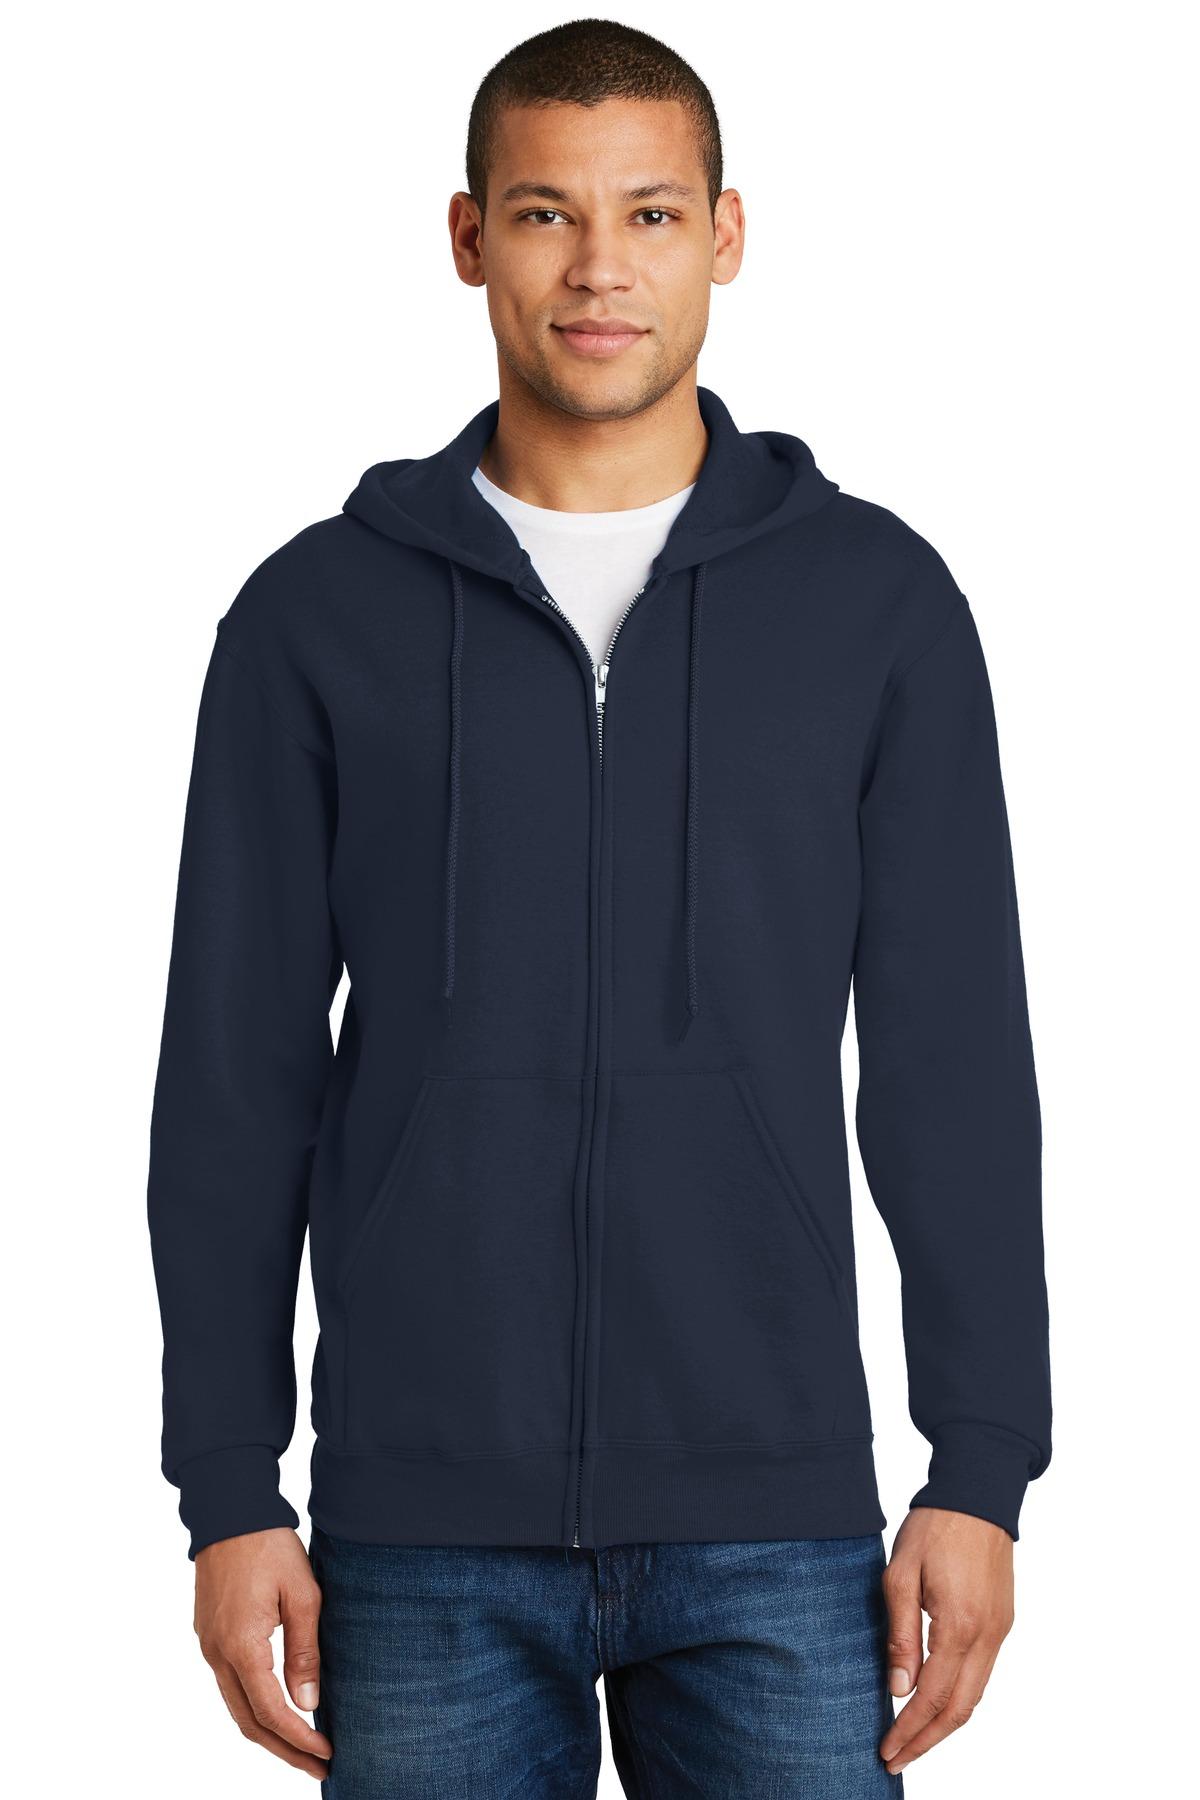 Jerzees® - NuBlend® Full-Zip Hooded Sweatshirt.-